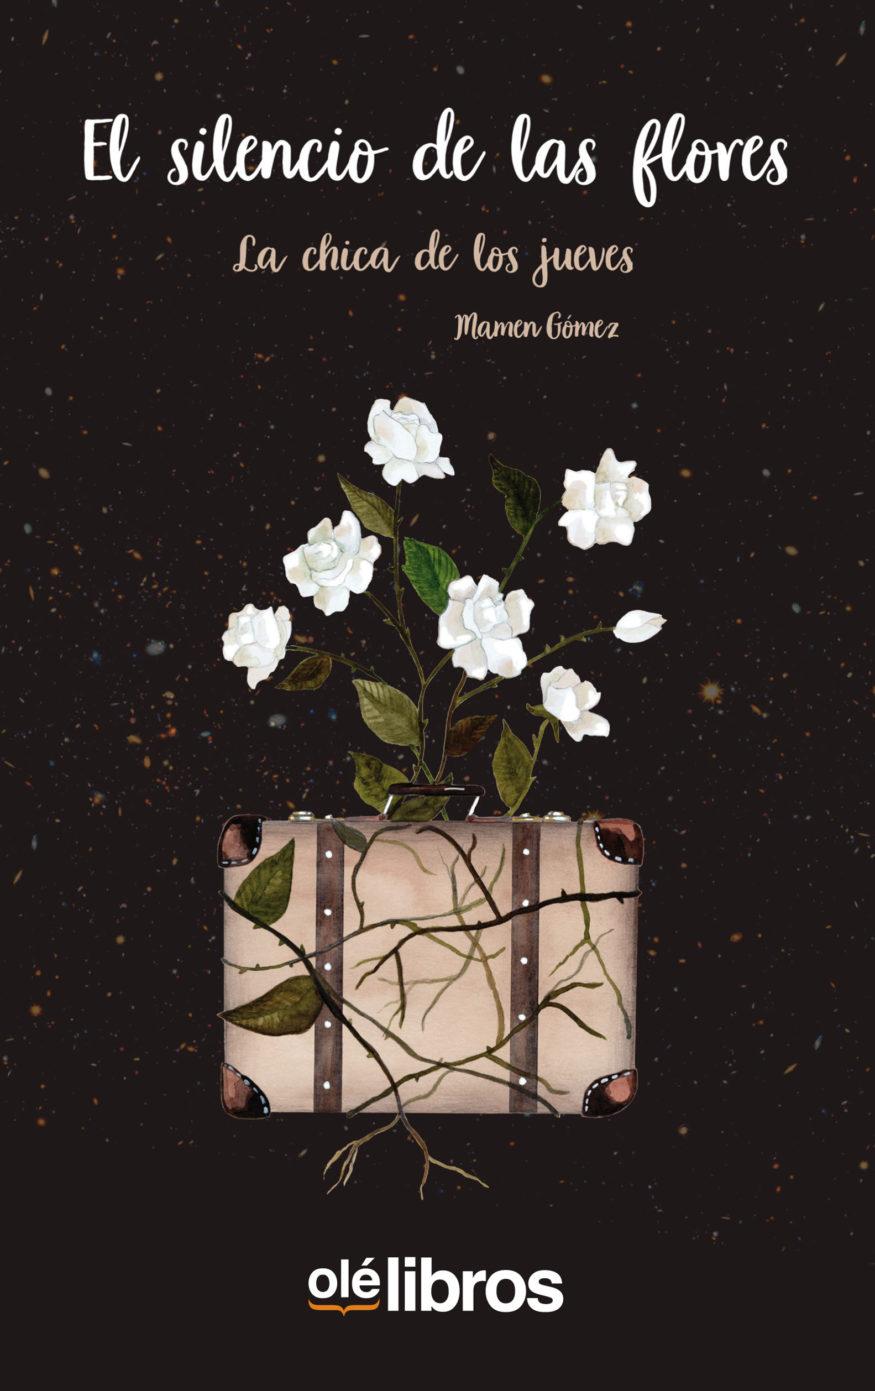 chica_de_los_jueves_el_silencio_de_las_flores